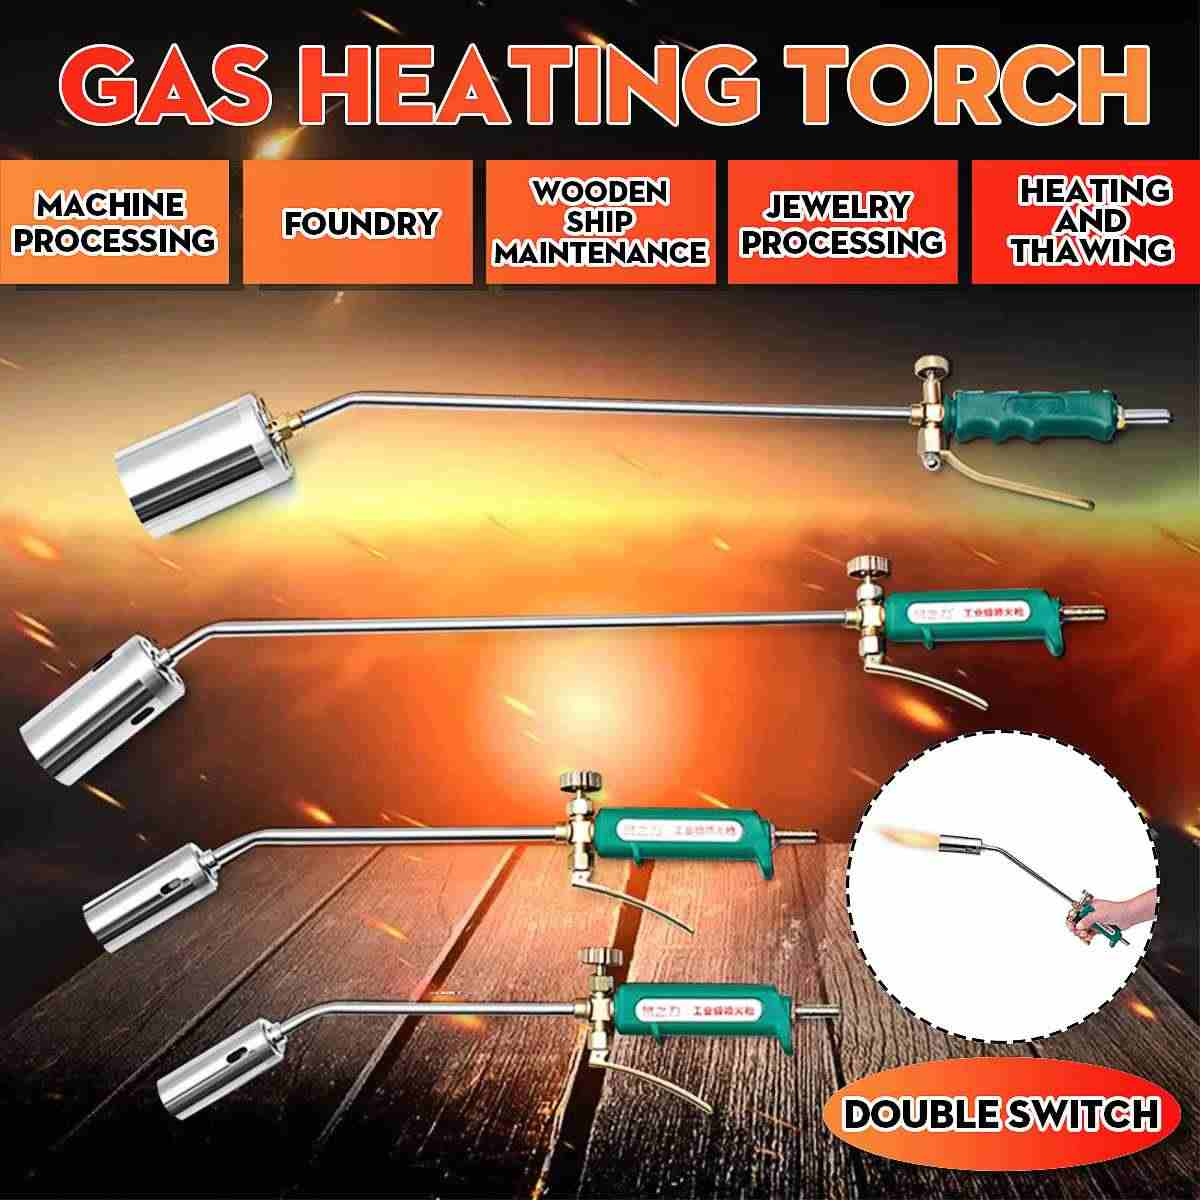 Bếp Gas Sưởi Đèn Pin Khí Hóa Lỏng Mỏ Hàn Đường Ống Kim Loại Làm Nóng Súng Thợ Sửa Ống Nước Đánh Lửa Hàn Máy